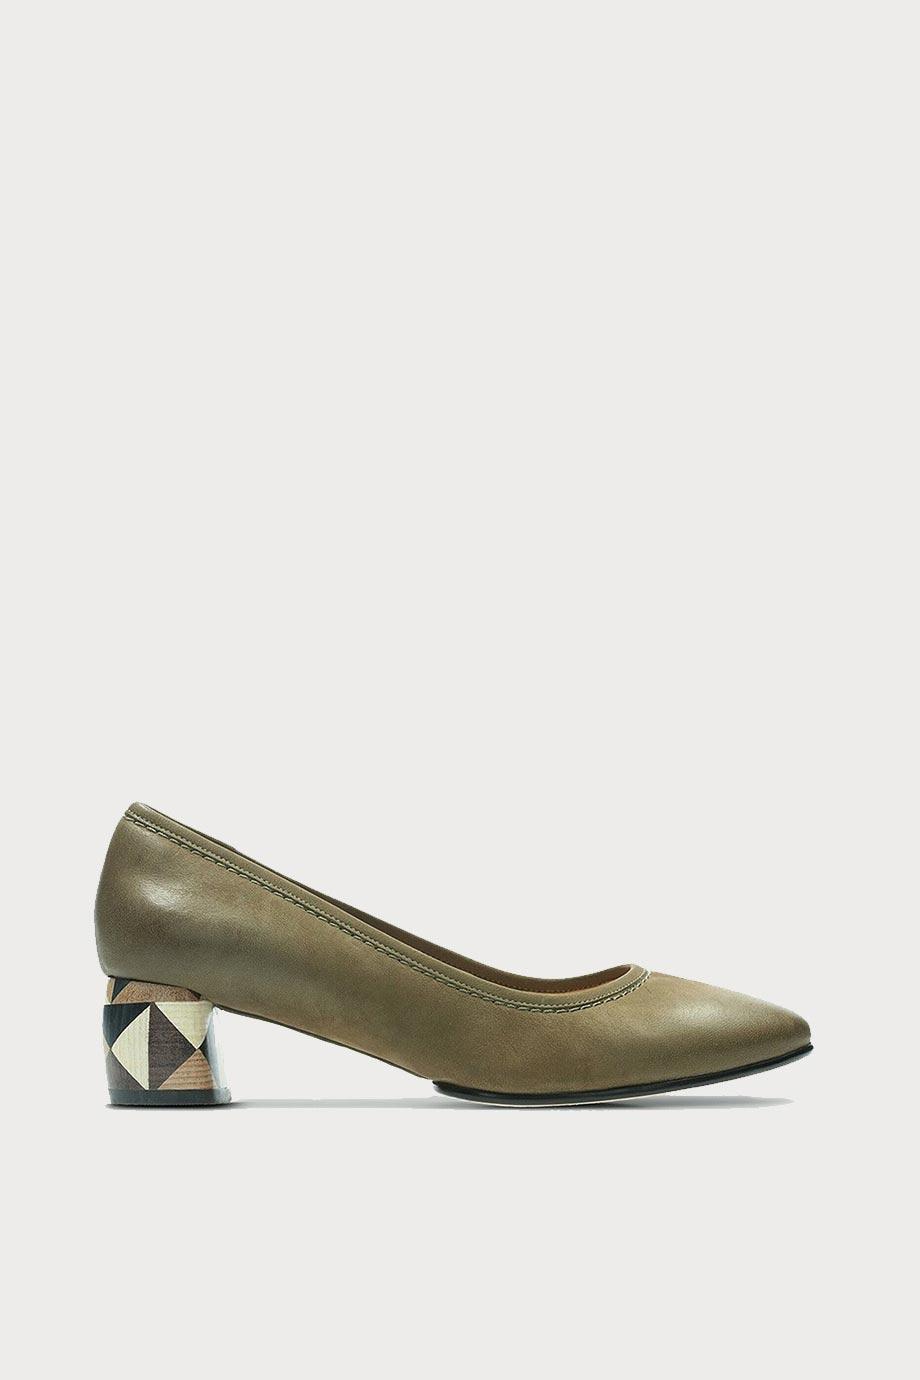 spiridoula metheniti shoes xalkida p Grace Olivia clarks 4 1